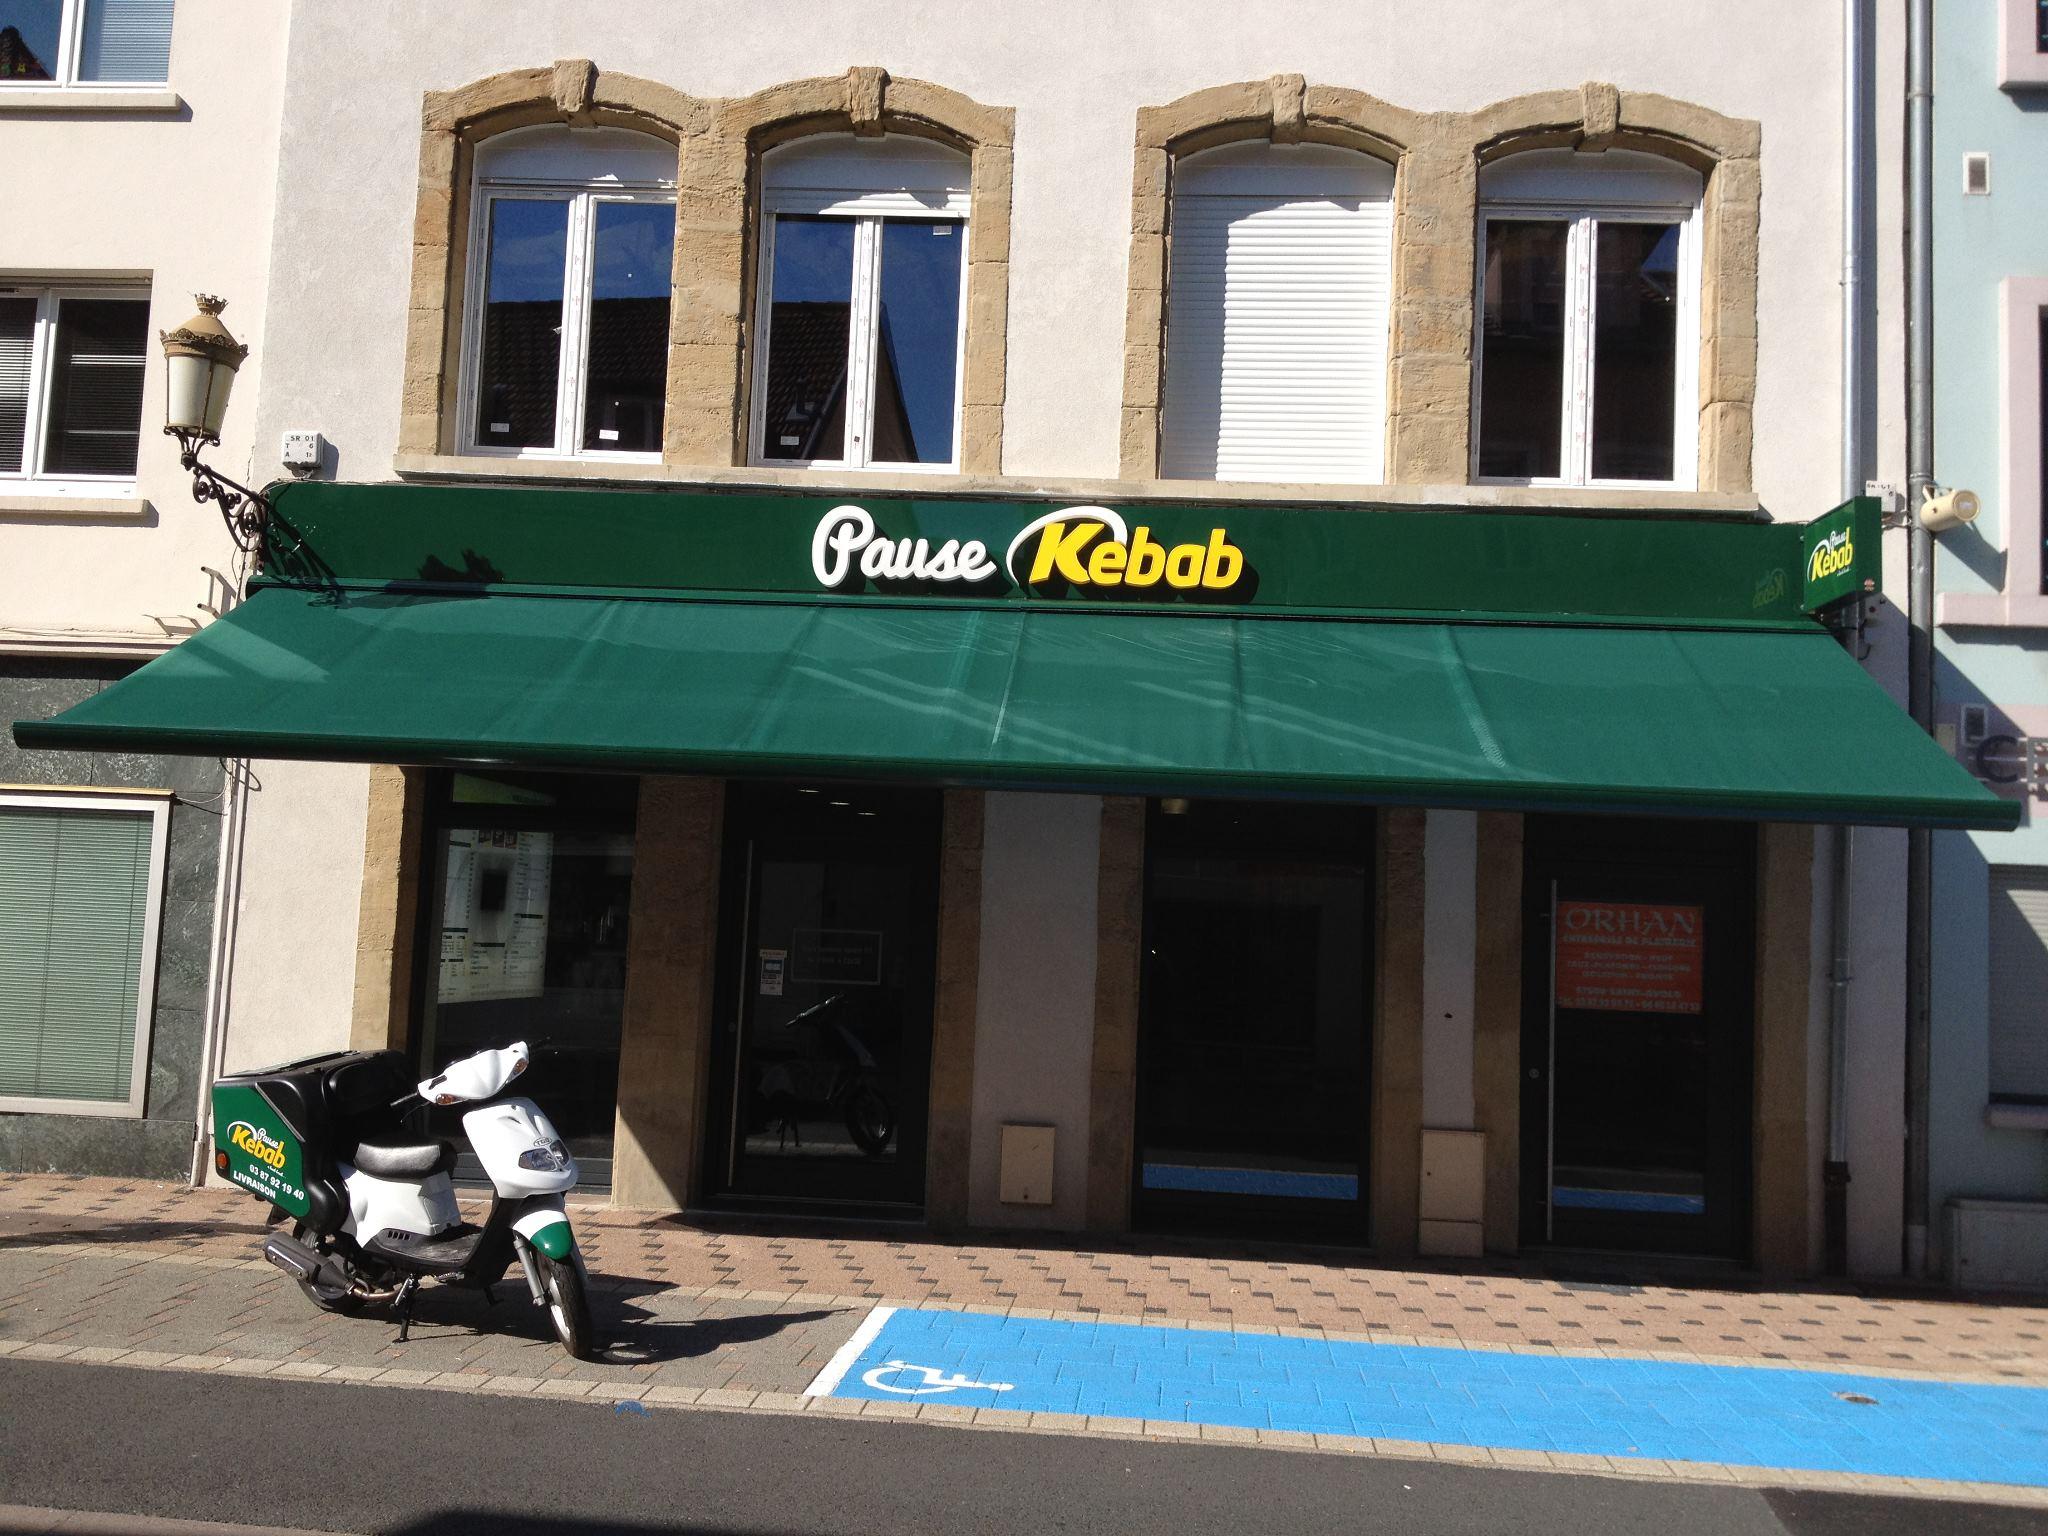 Pause kebab - Saint-Avold